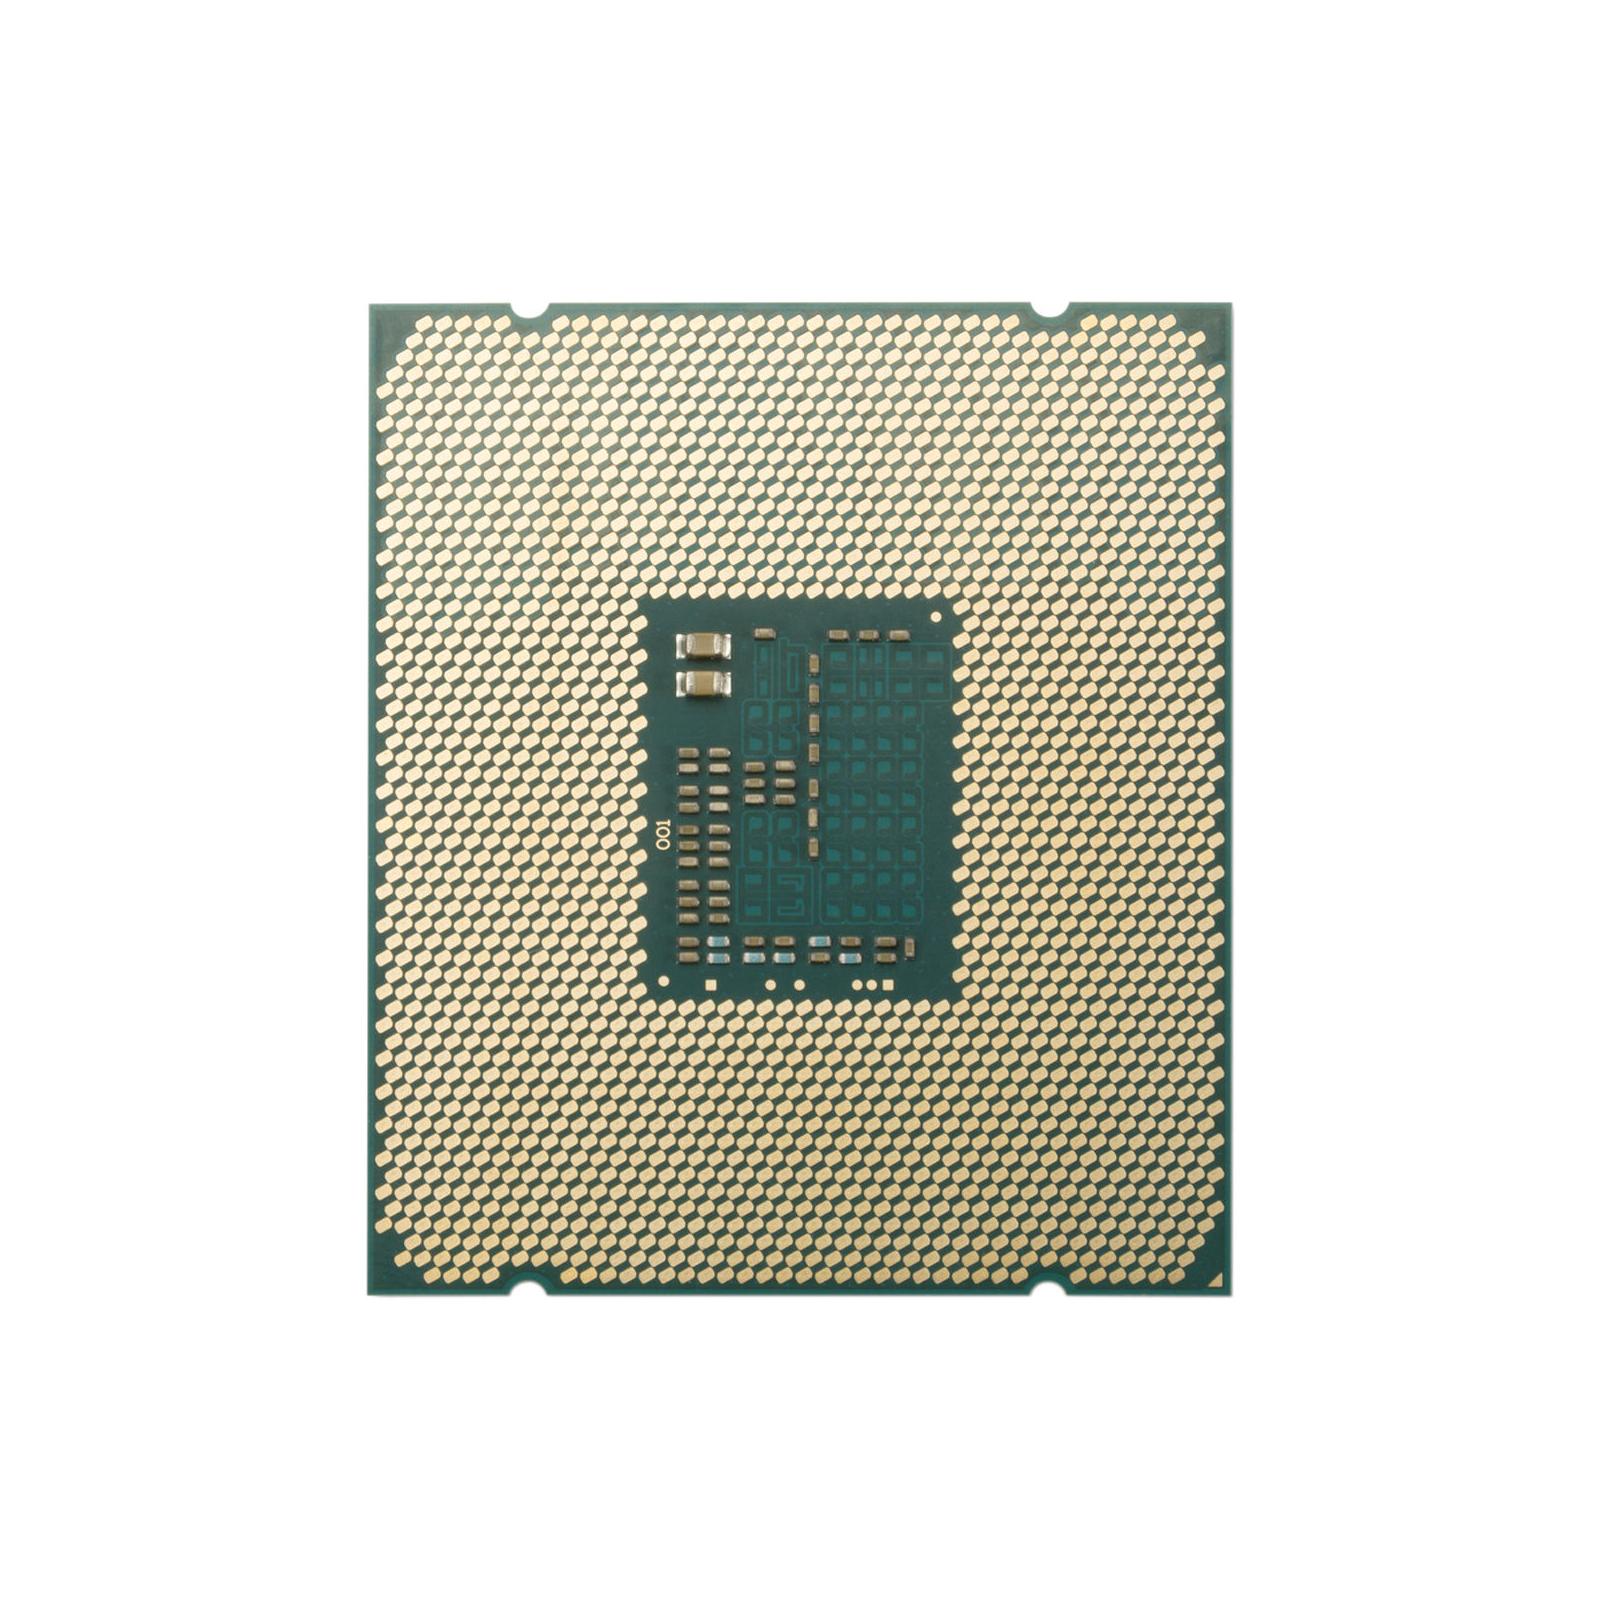 Процессор серверный INTEL Xeon E5-2609V4 8C/8T/1.70GHz/NoGfx/6.40GT/20MB/FCLGA2011-3 T (CM8066002032901) изображение 2